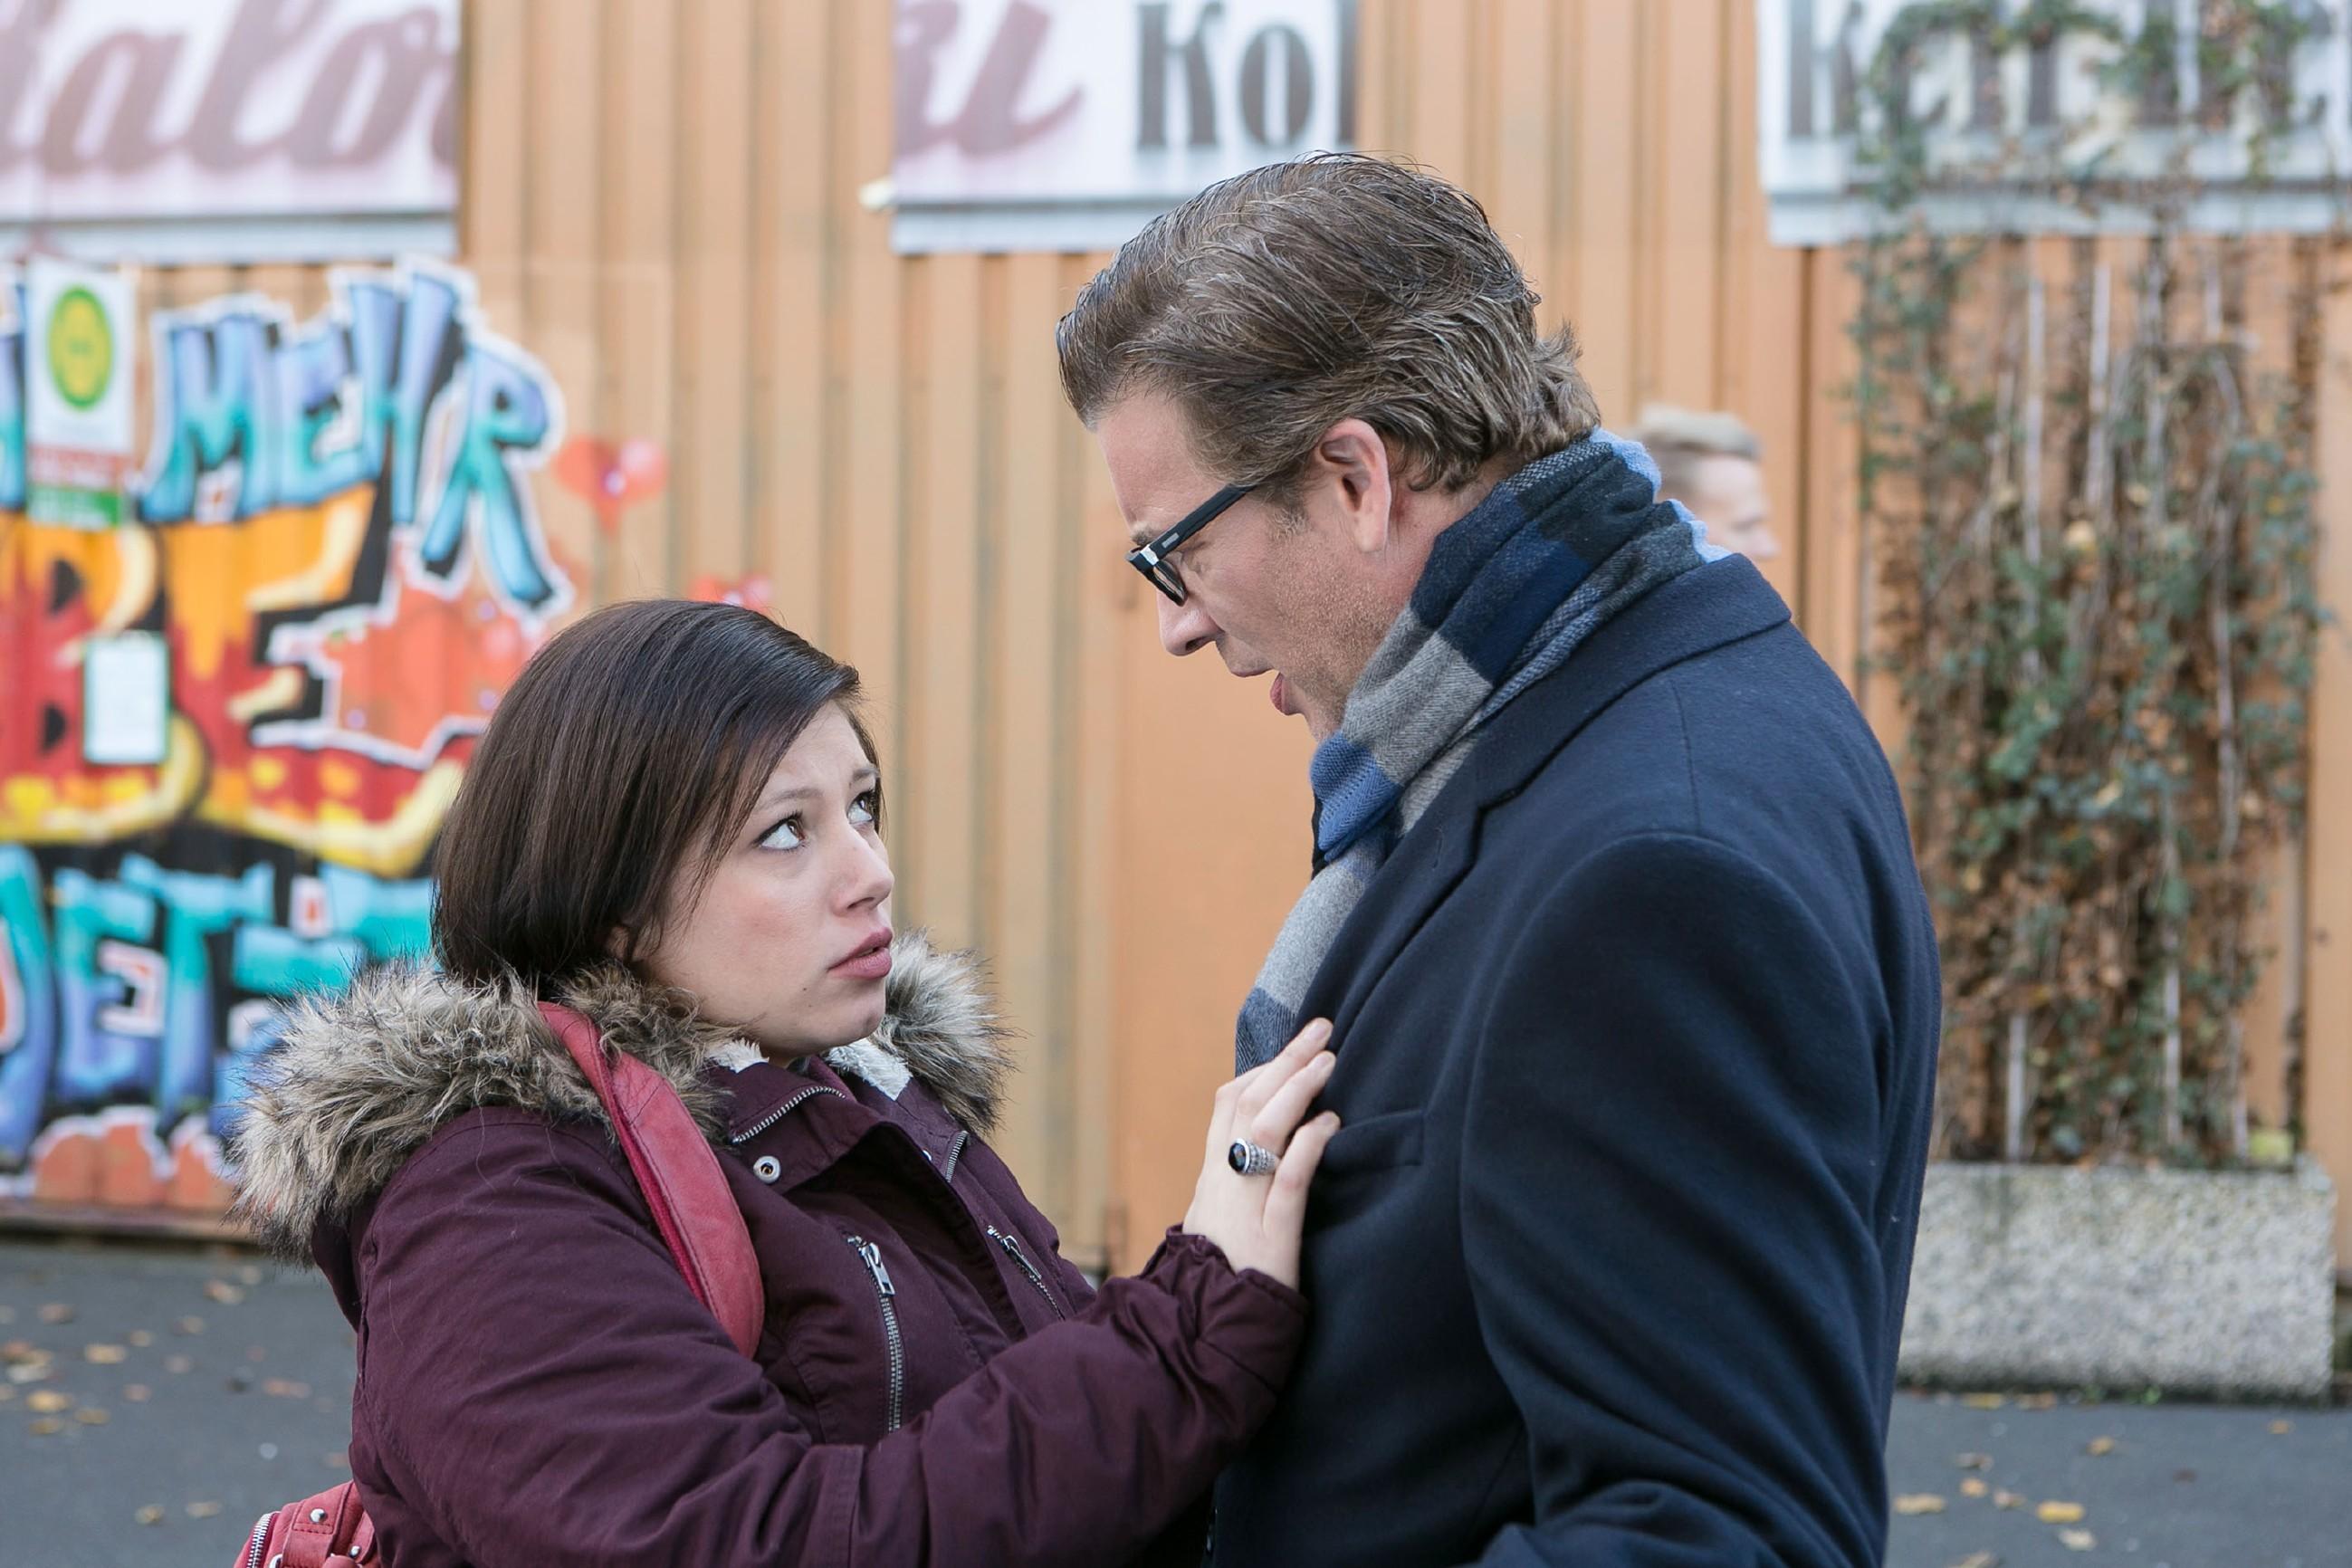 Vanessa (Julia Augustin) und Christoph (Lars Korten) sind sich einig, dass es nach den heftigen Ereignissen besser ist, nun nur noch nach vorn zu blicken. (Quelle: RTL / Kai Schulz)